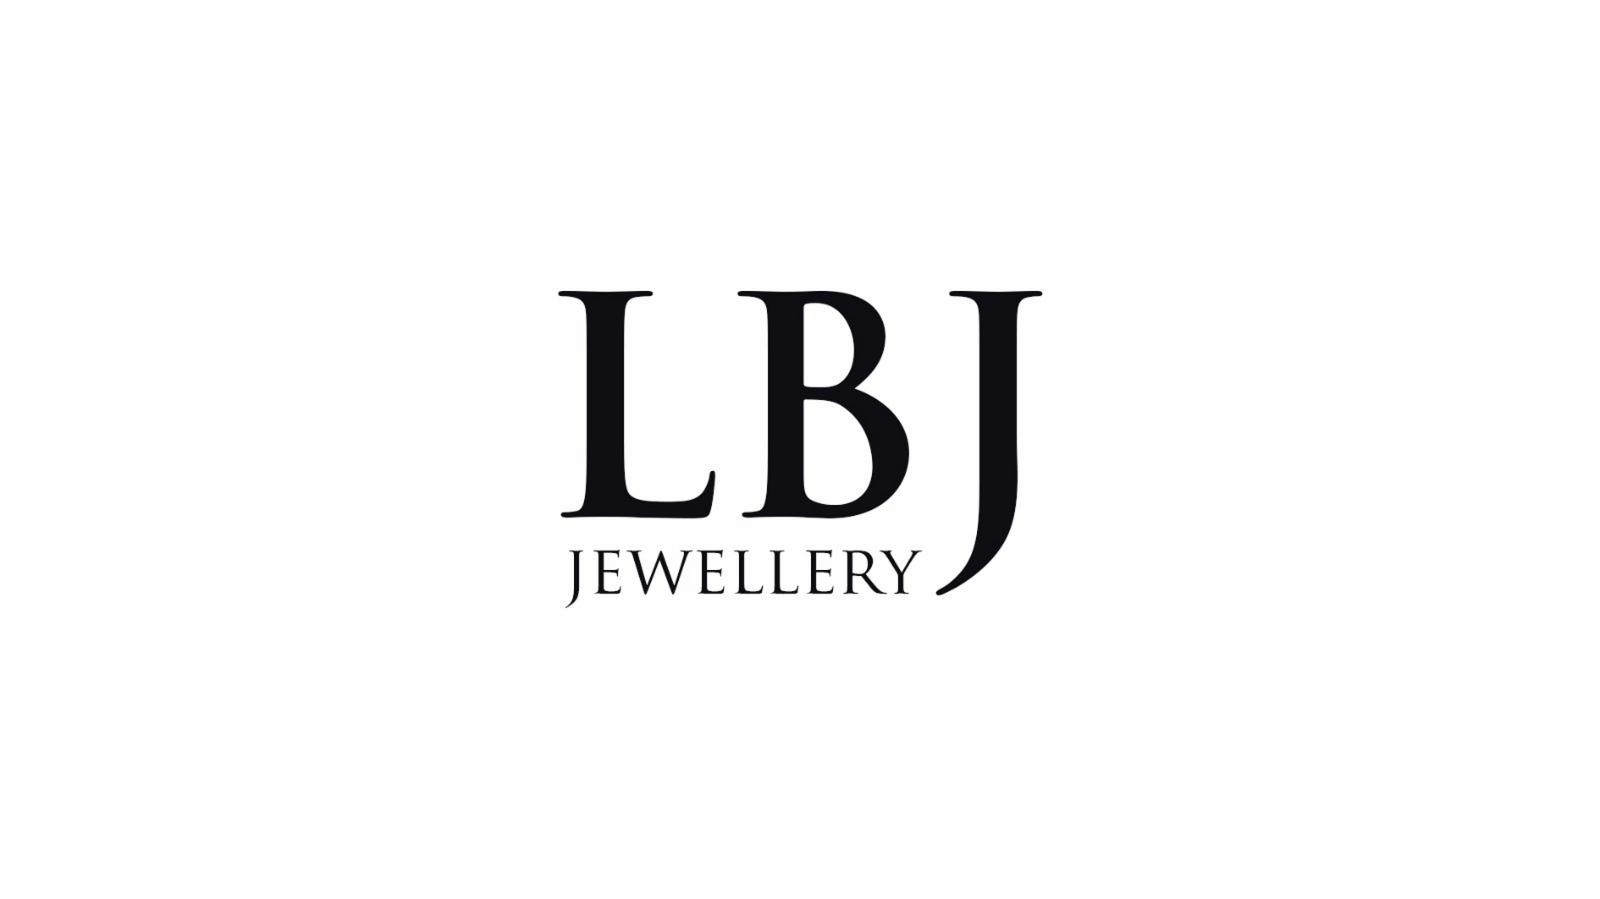 LBJ Jewellery